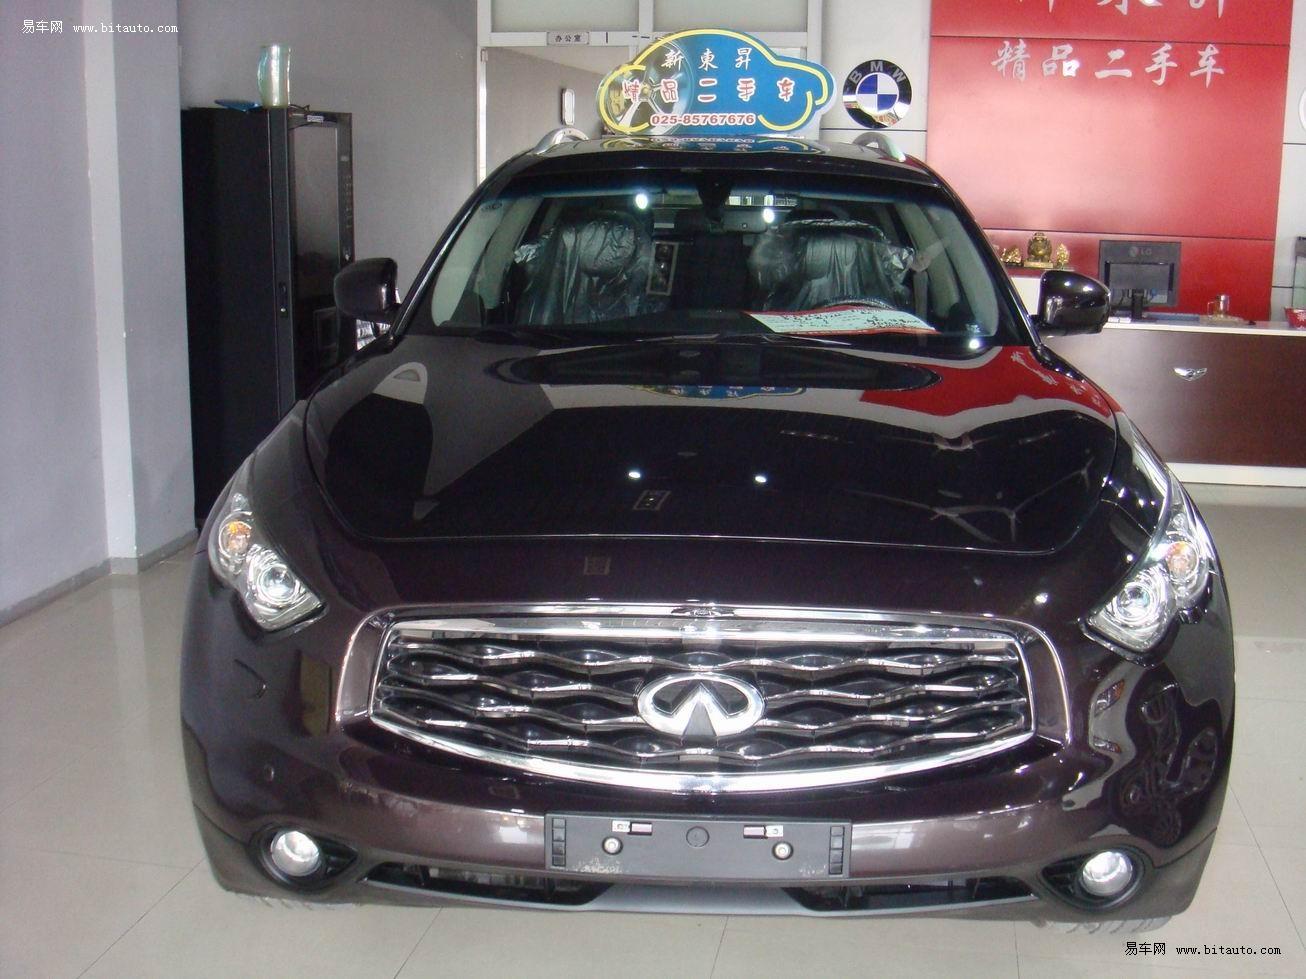 2010年英菲尼迪fx35车况较好售55.8万奇瑞瑞虎3后尾灯换更图片